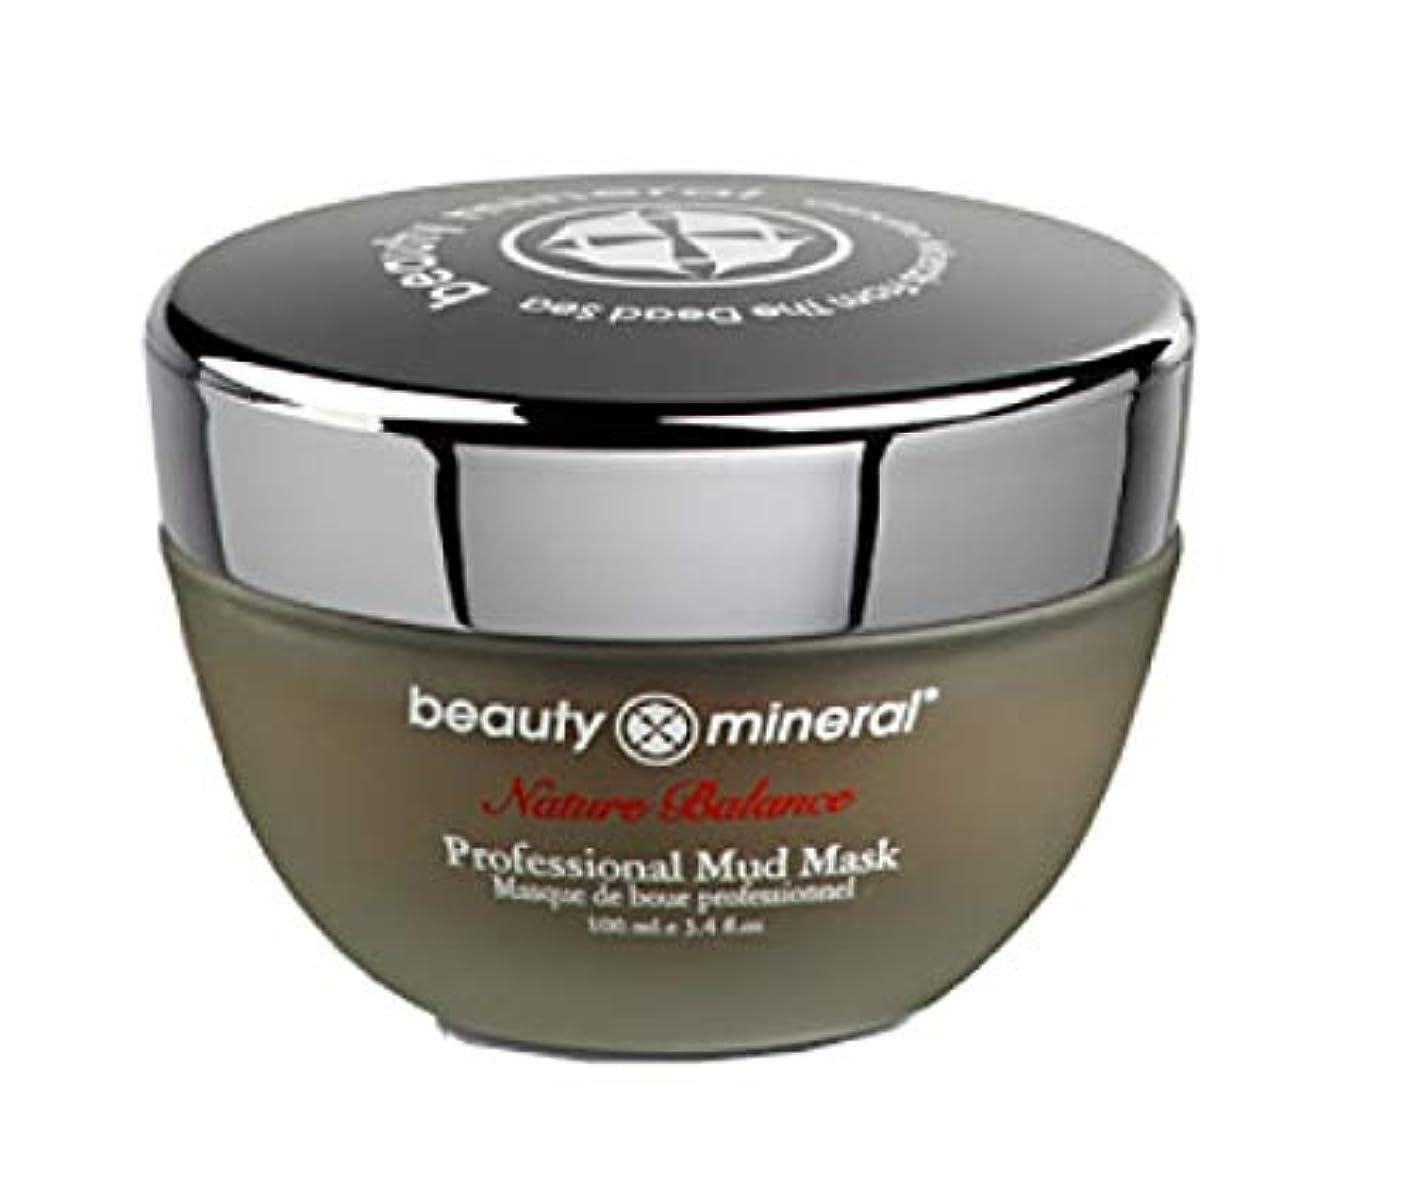 ユニークなほのめかす資格Beauty Mineral プロフェッショナル?マッドマスク 100ml